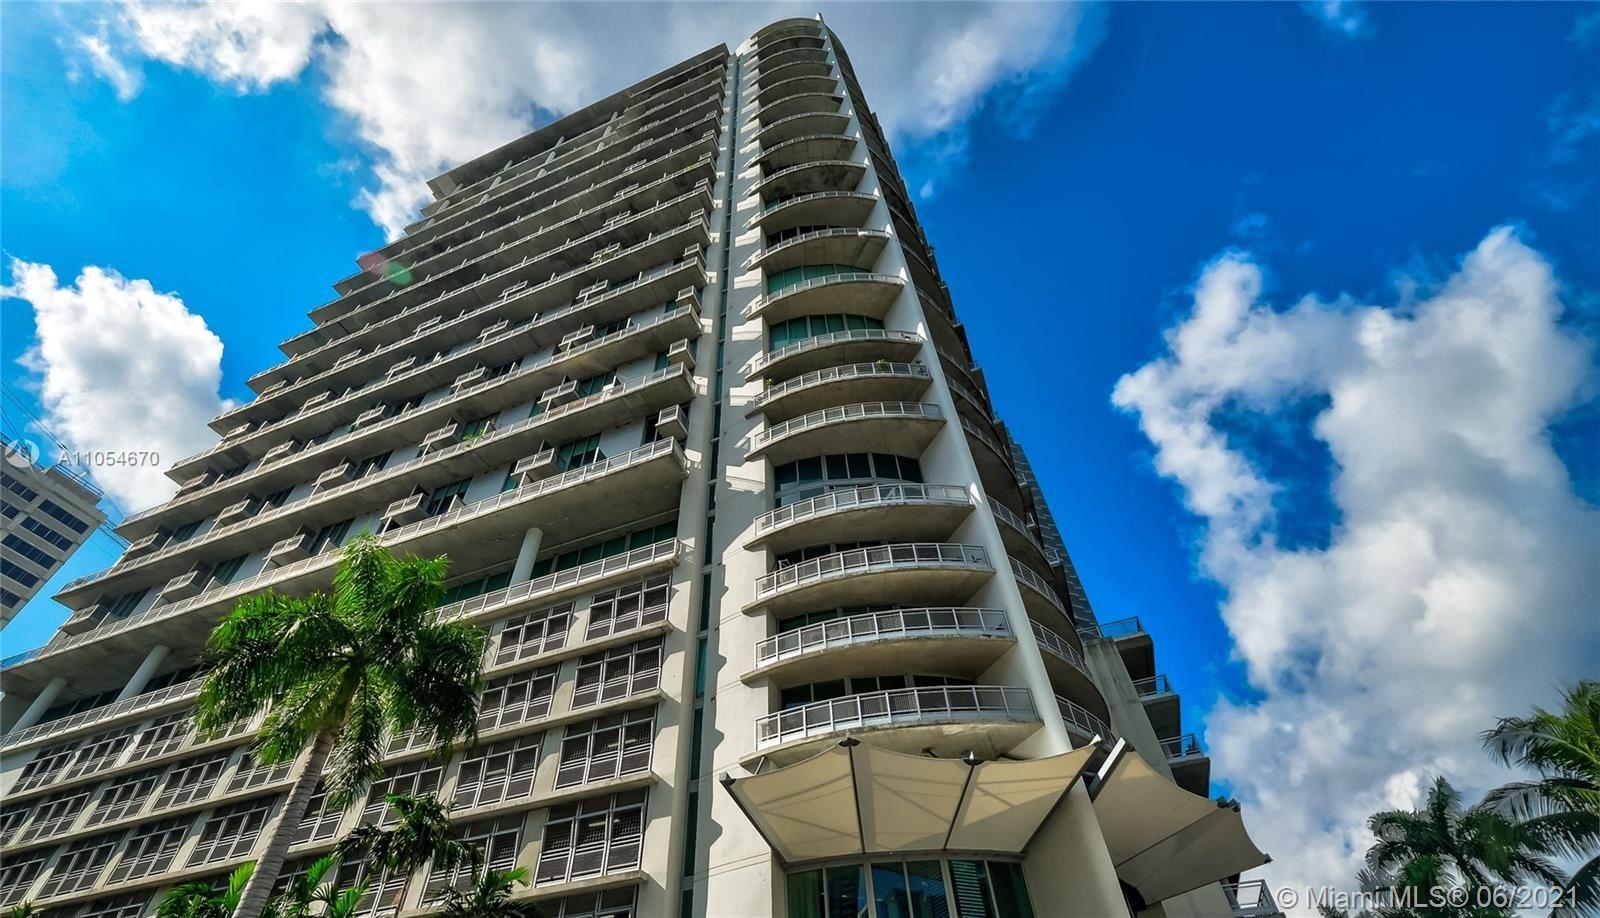 690 SW 1st Ct #3118, Miami, FL 33130 - #: A11054670